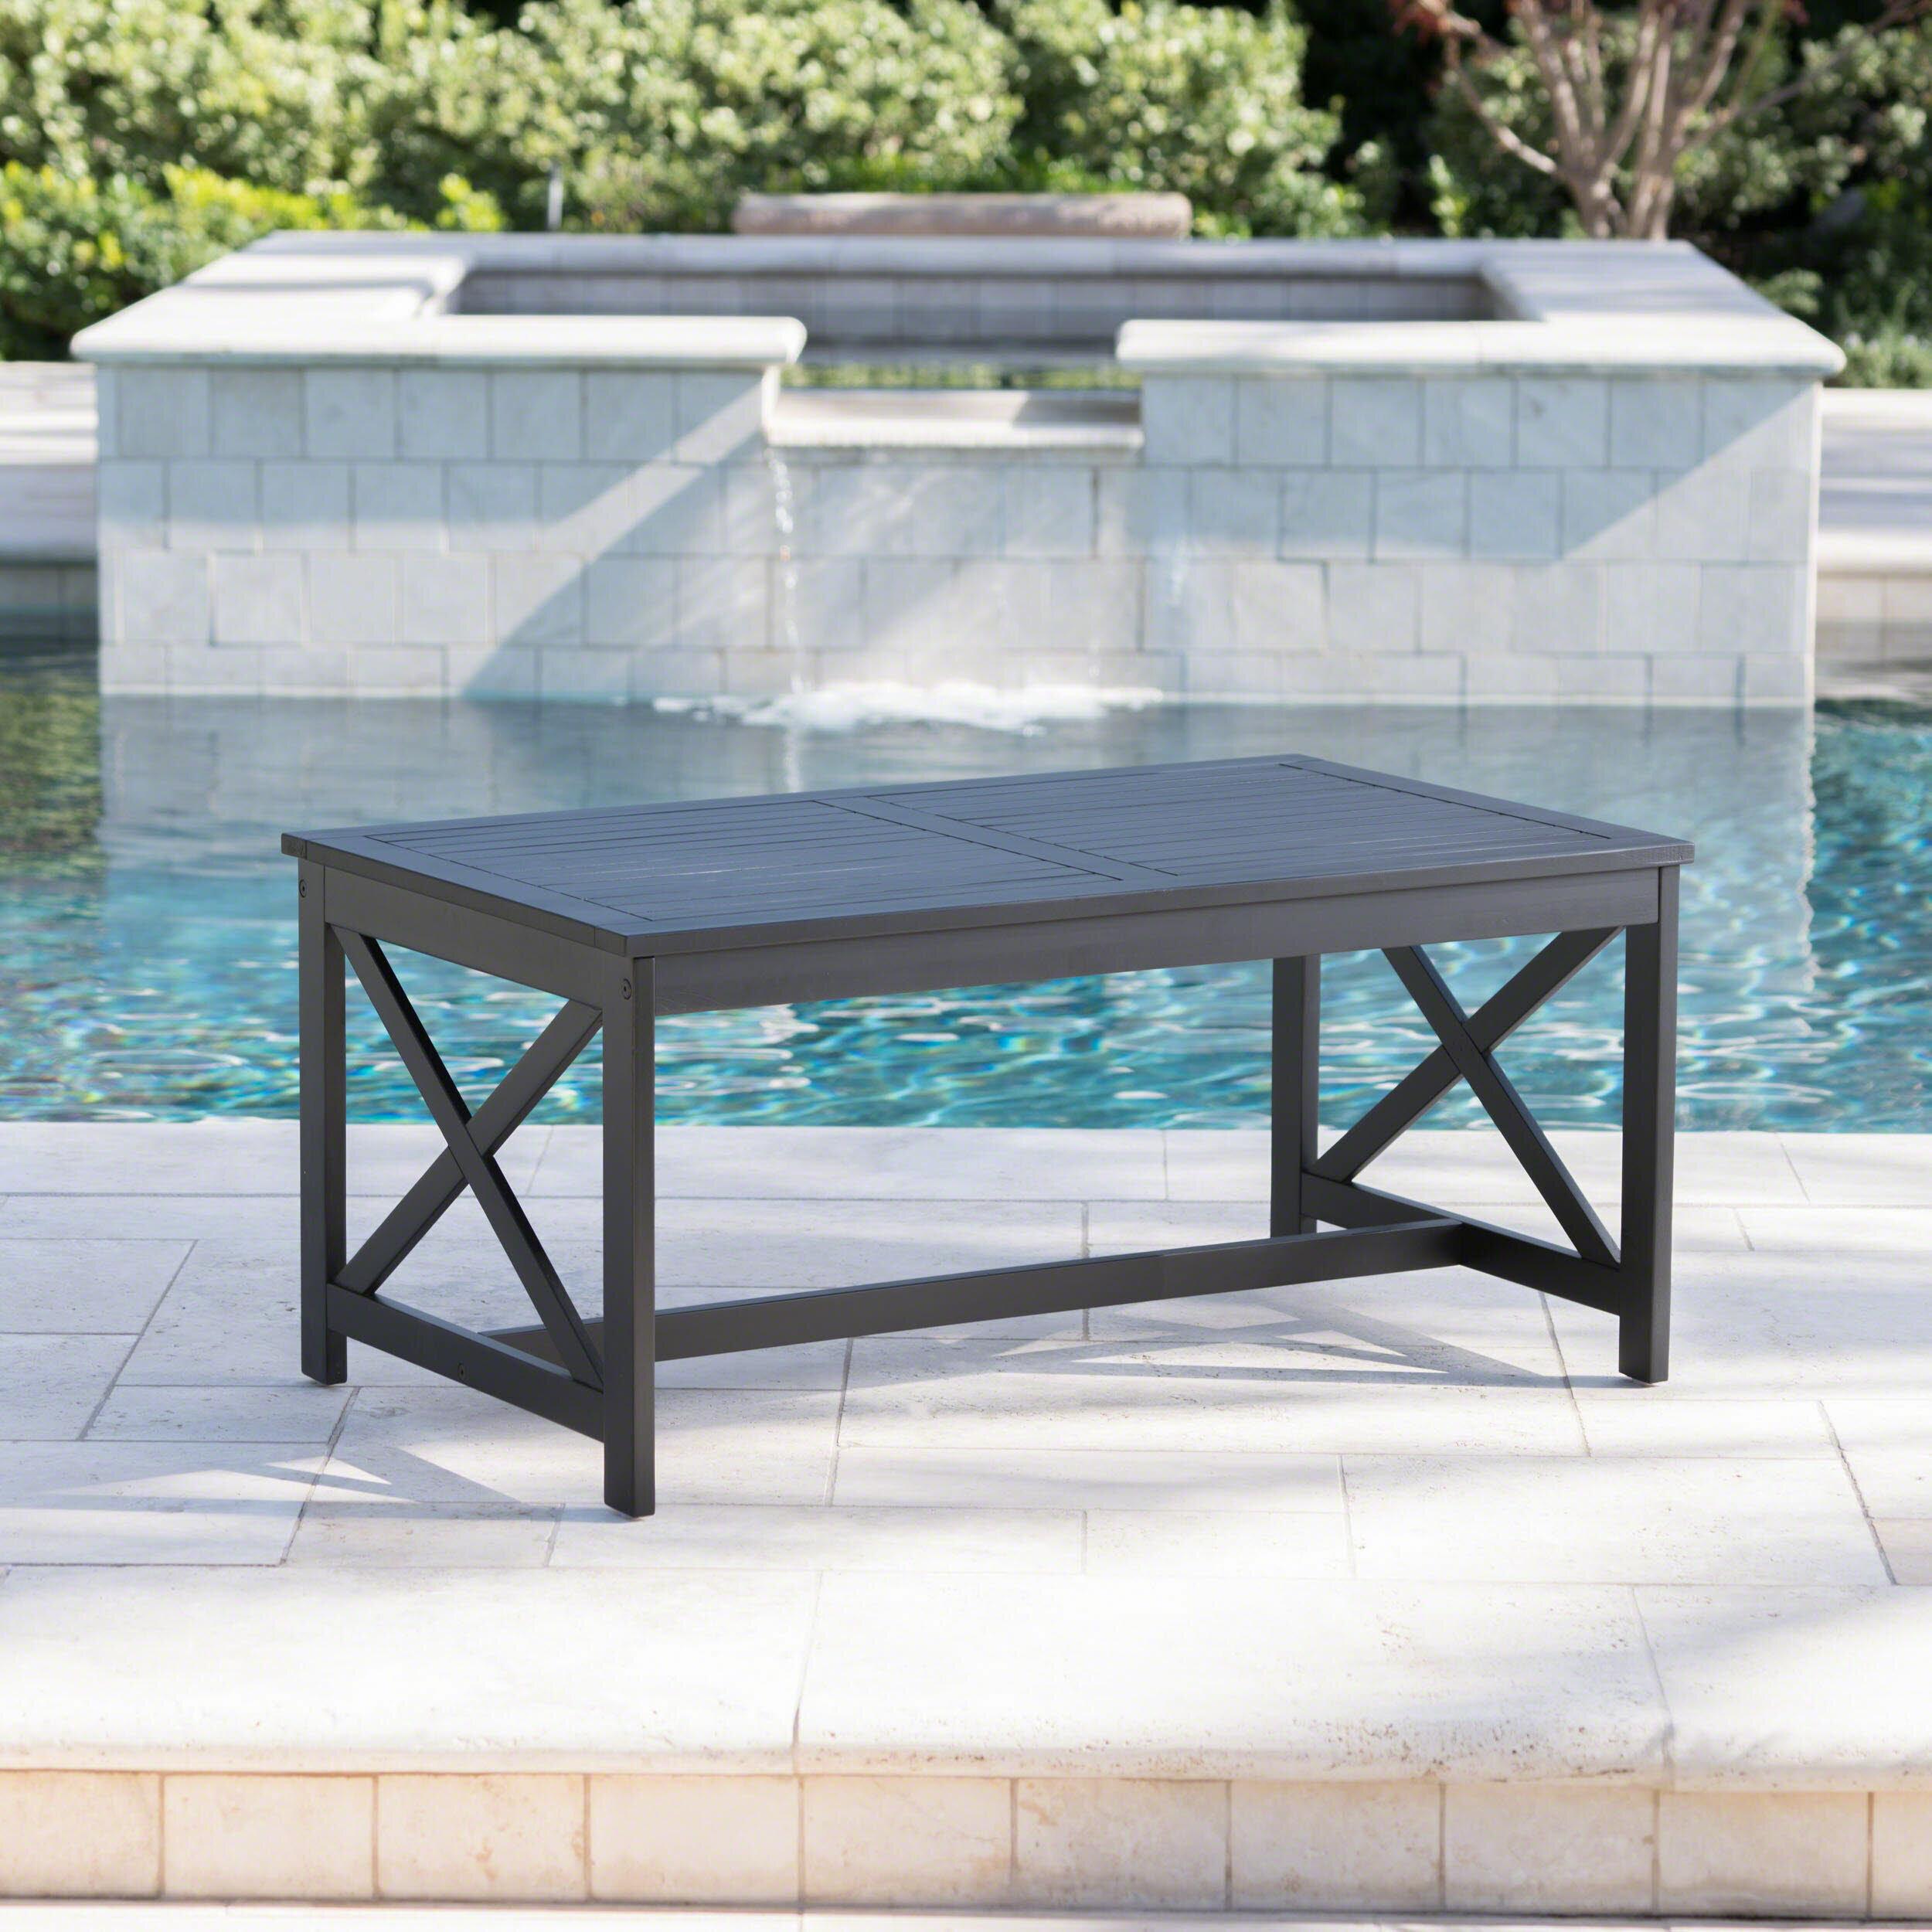 Table Bois Metal Exterieur 1 x en bois classique jardin table basse extérieur de